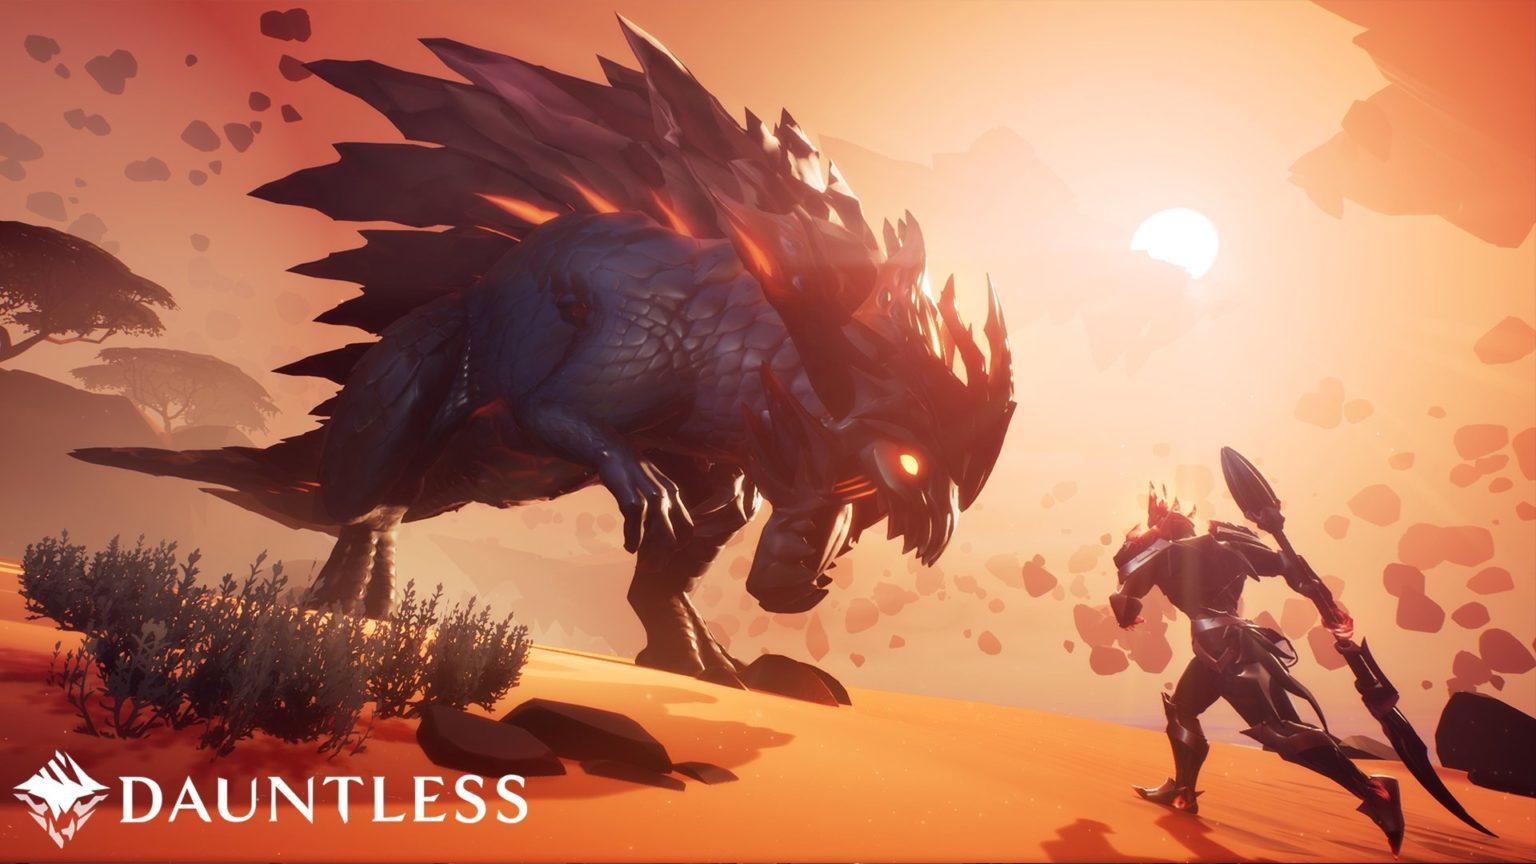 # 20 - Dauntless